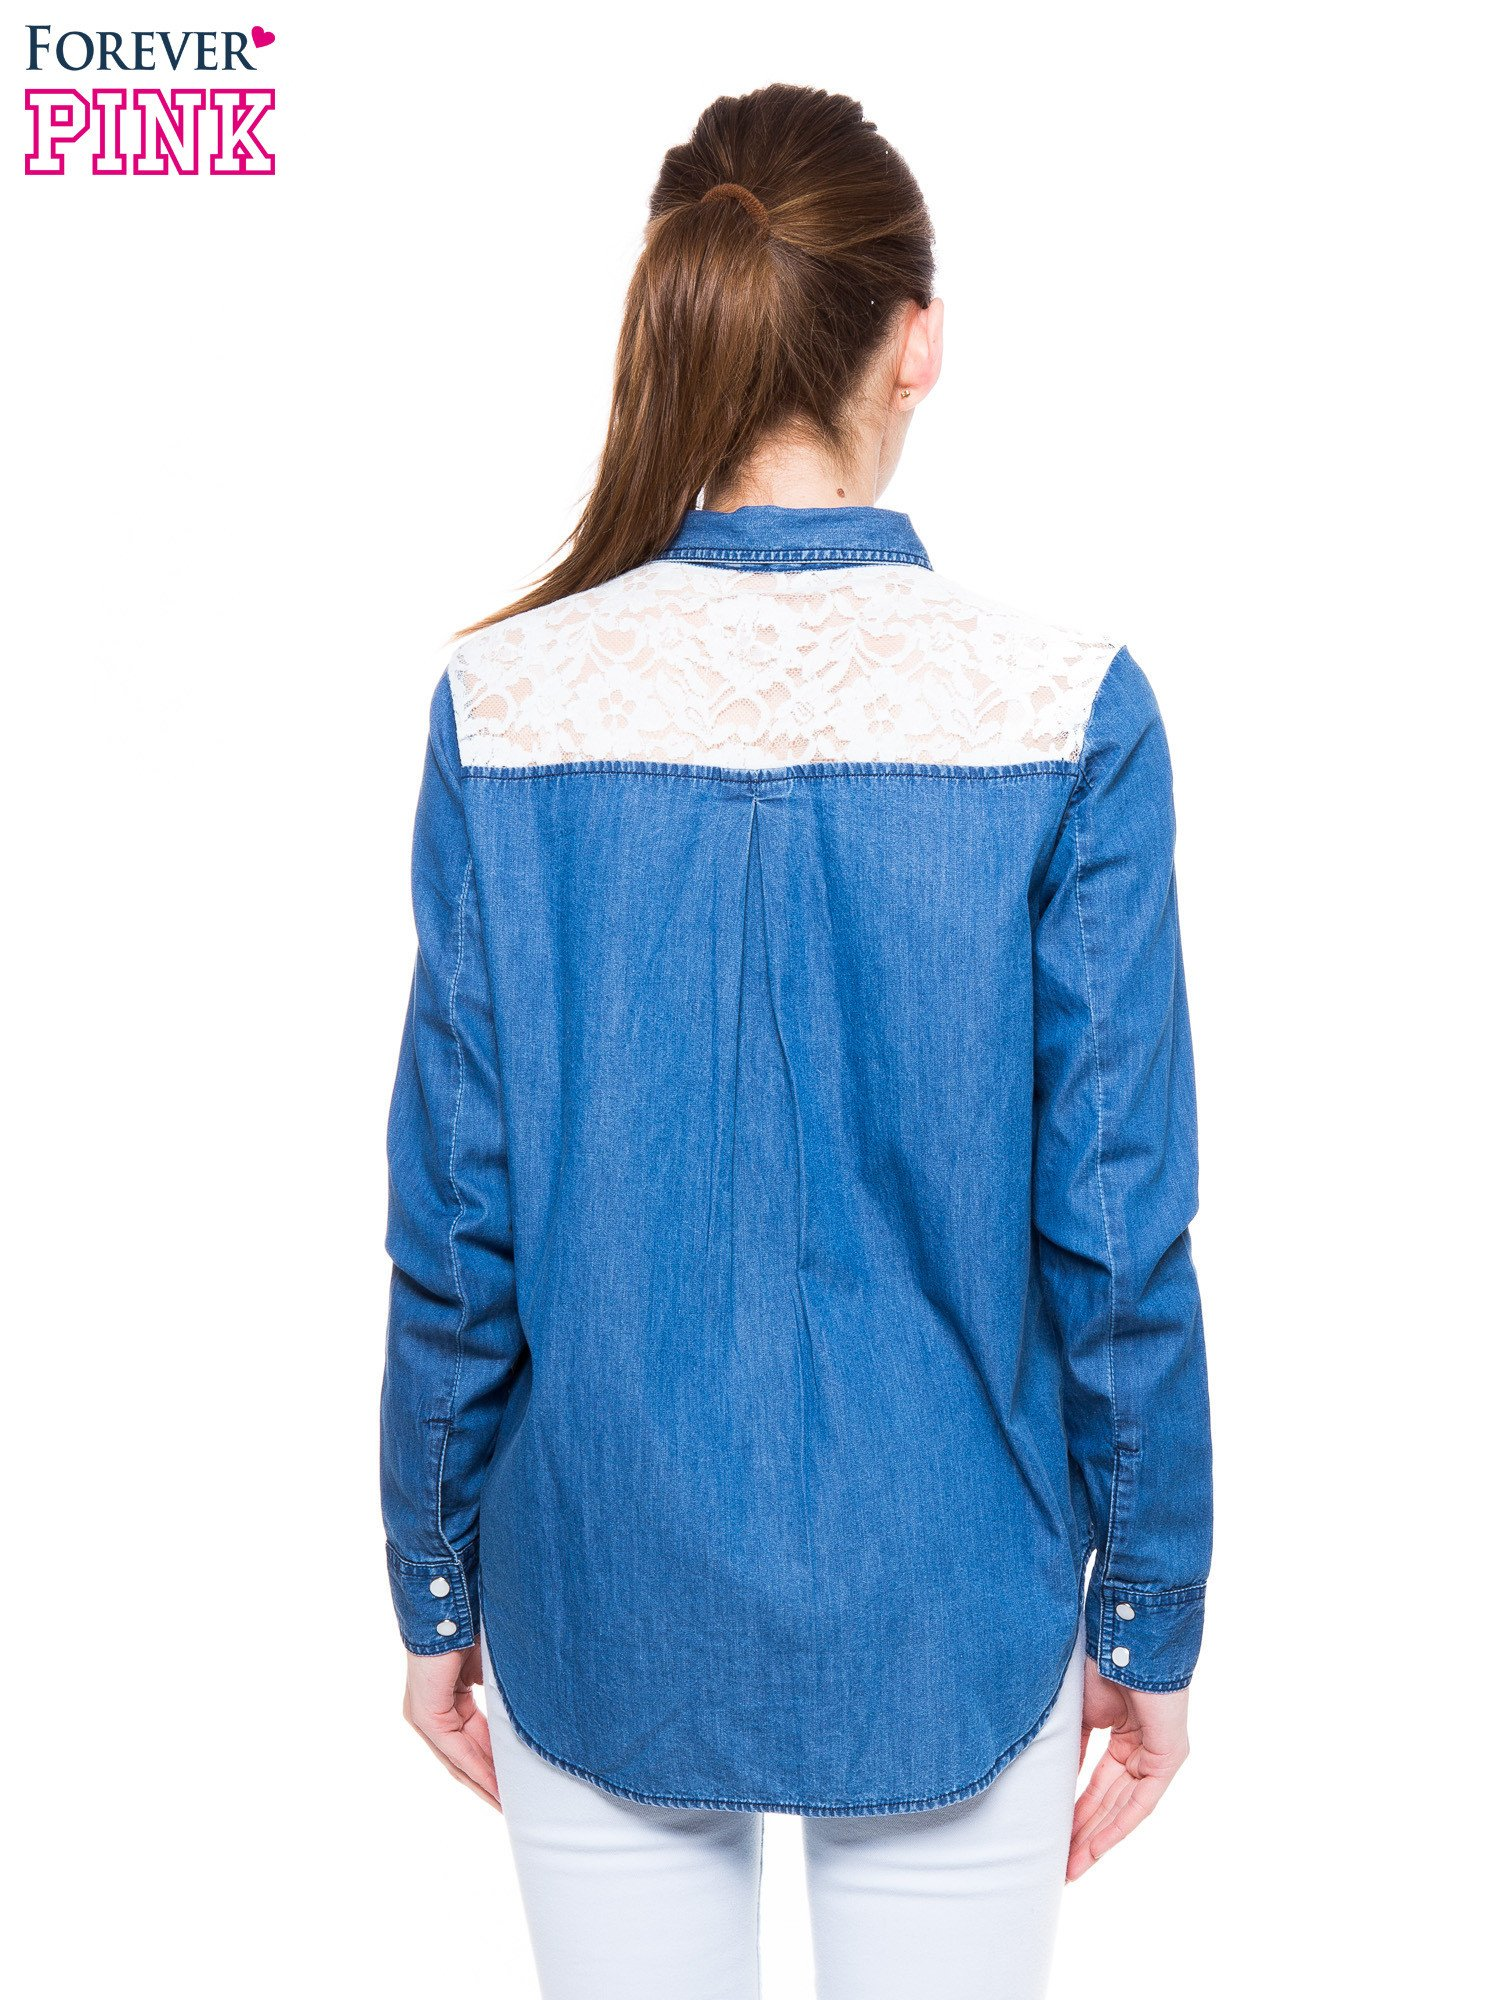 Niebieska koszula jeansowa z koronkową wstawką                                  zdj.                                  4